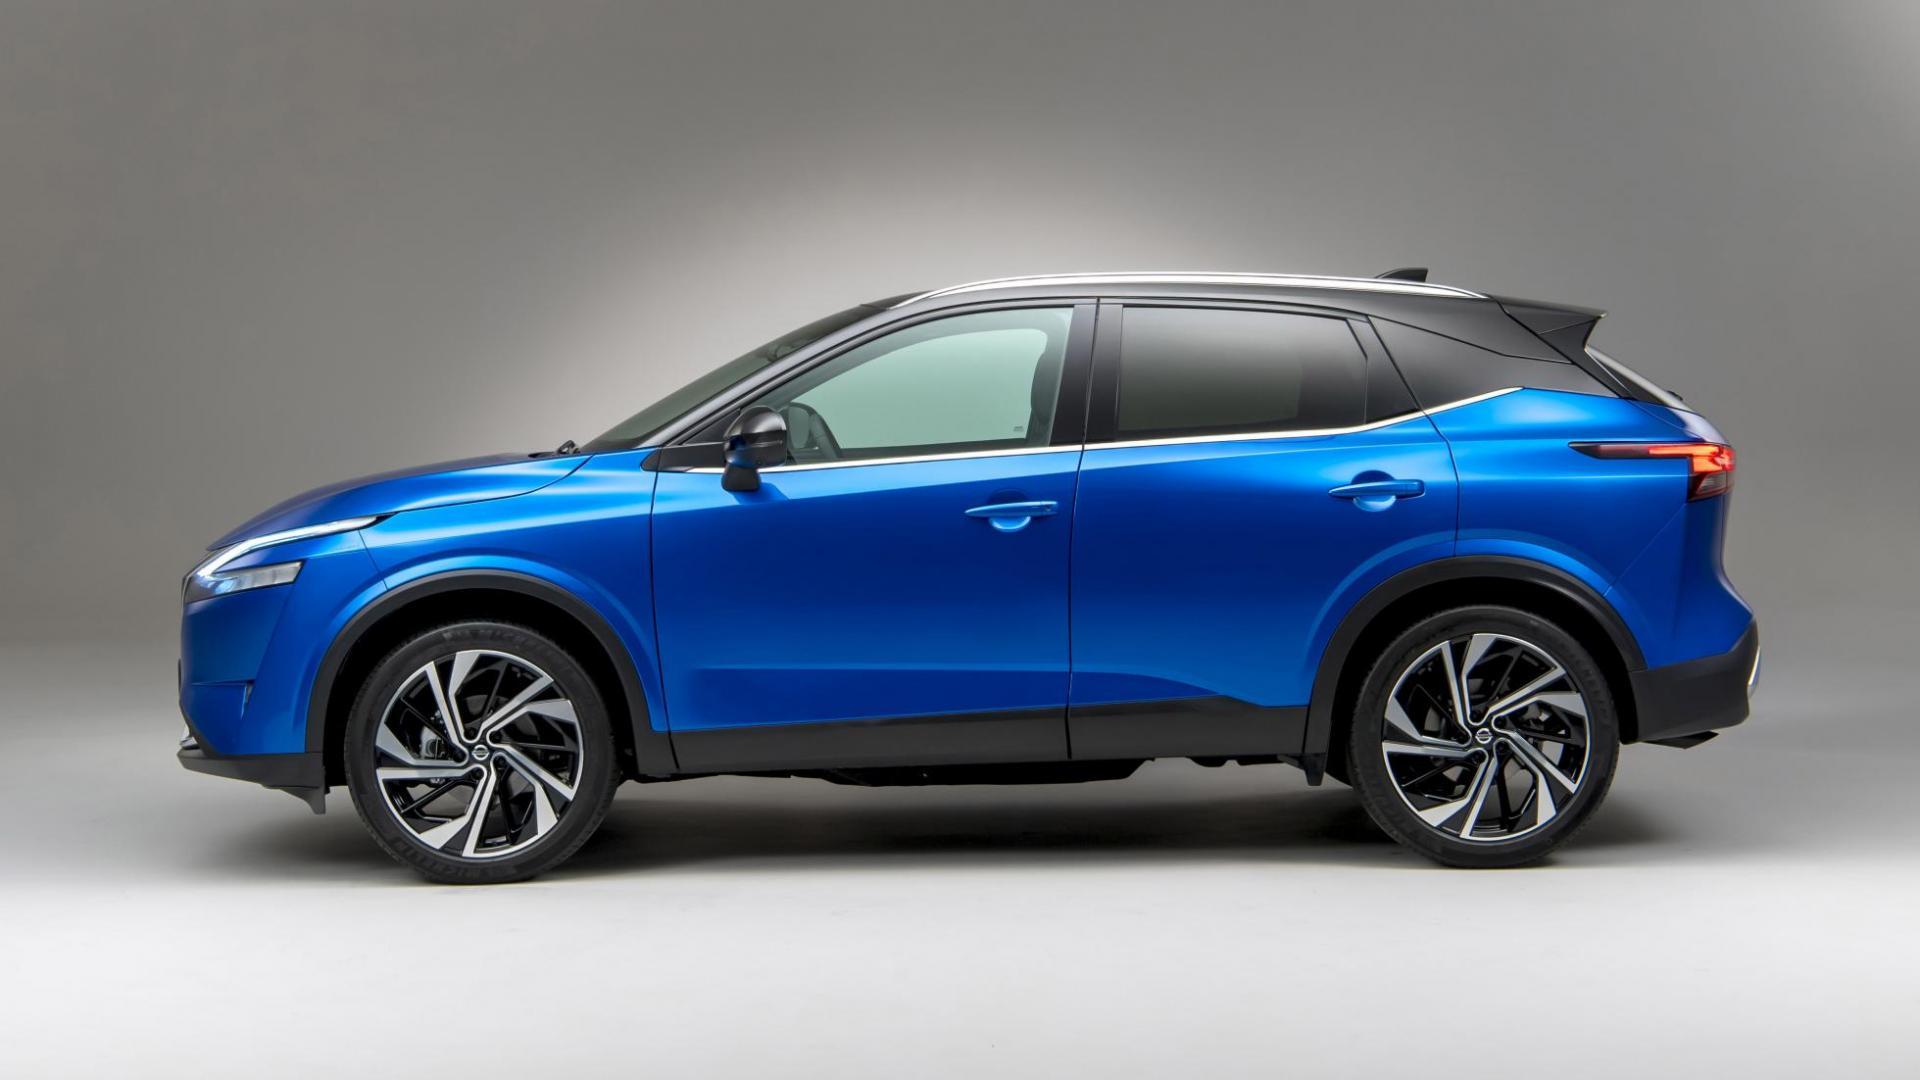 Zijkant Nissan Qashqai 2021 (Blauw)